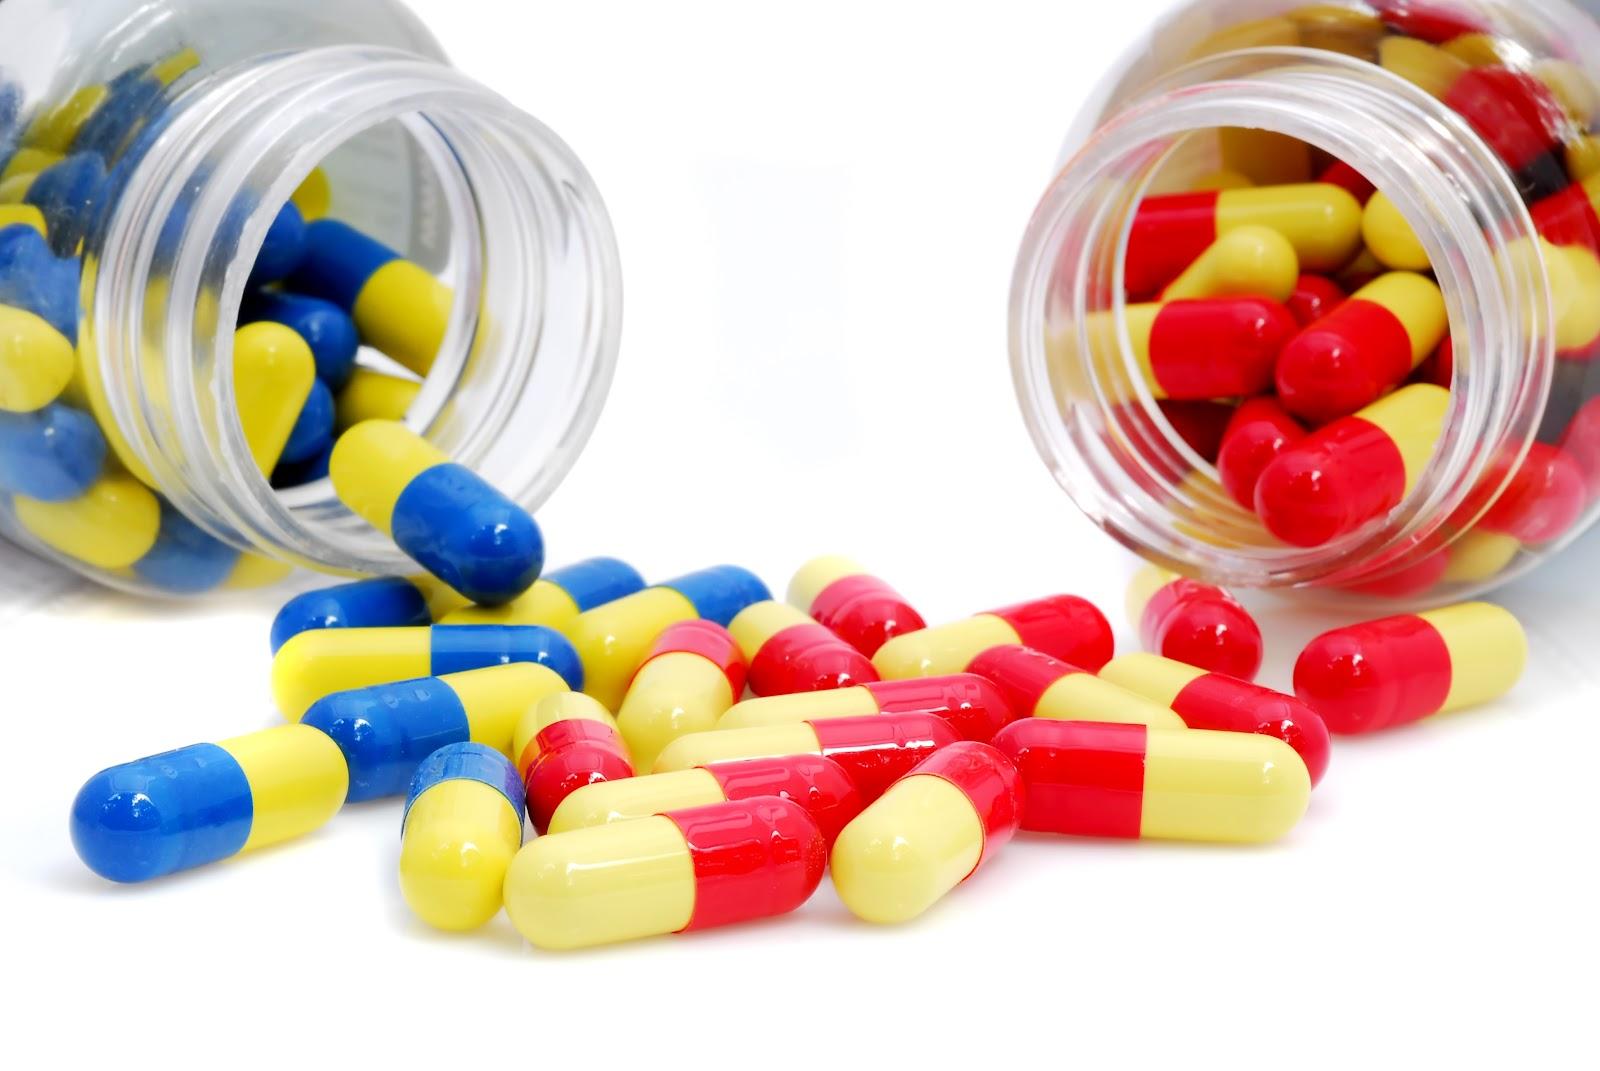 Venda de remédios para emagrecer volta a ser liberada no país ...